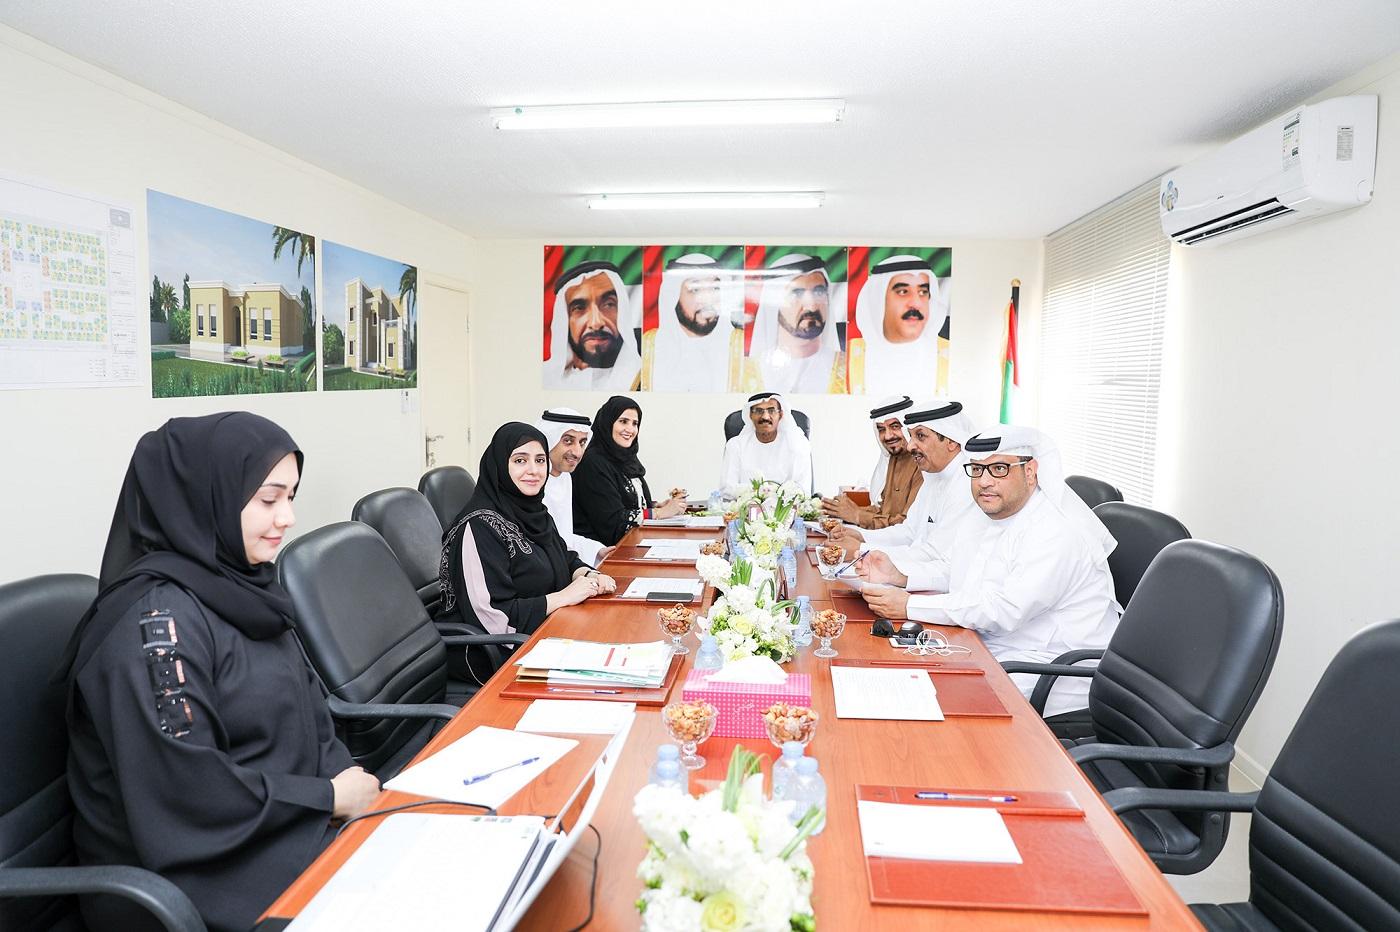 اجتماع مجلس إدارة برنامج الشيخ زايد للإسكان